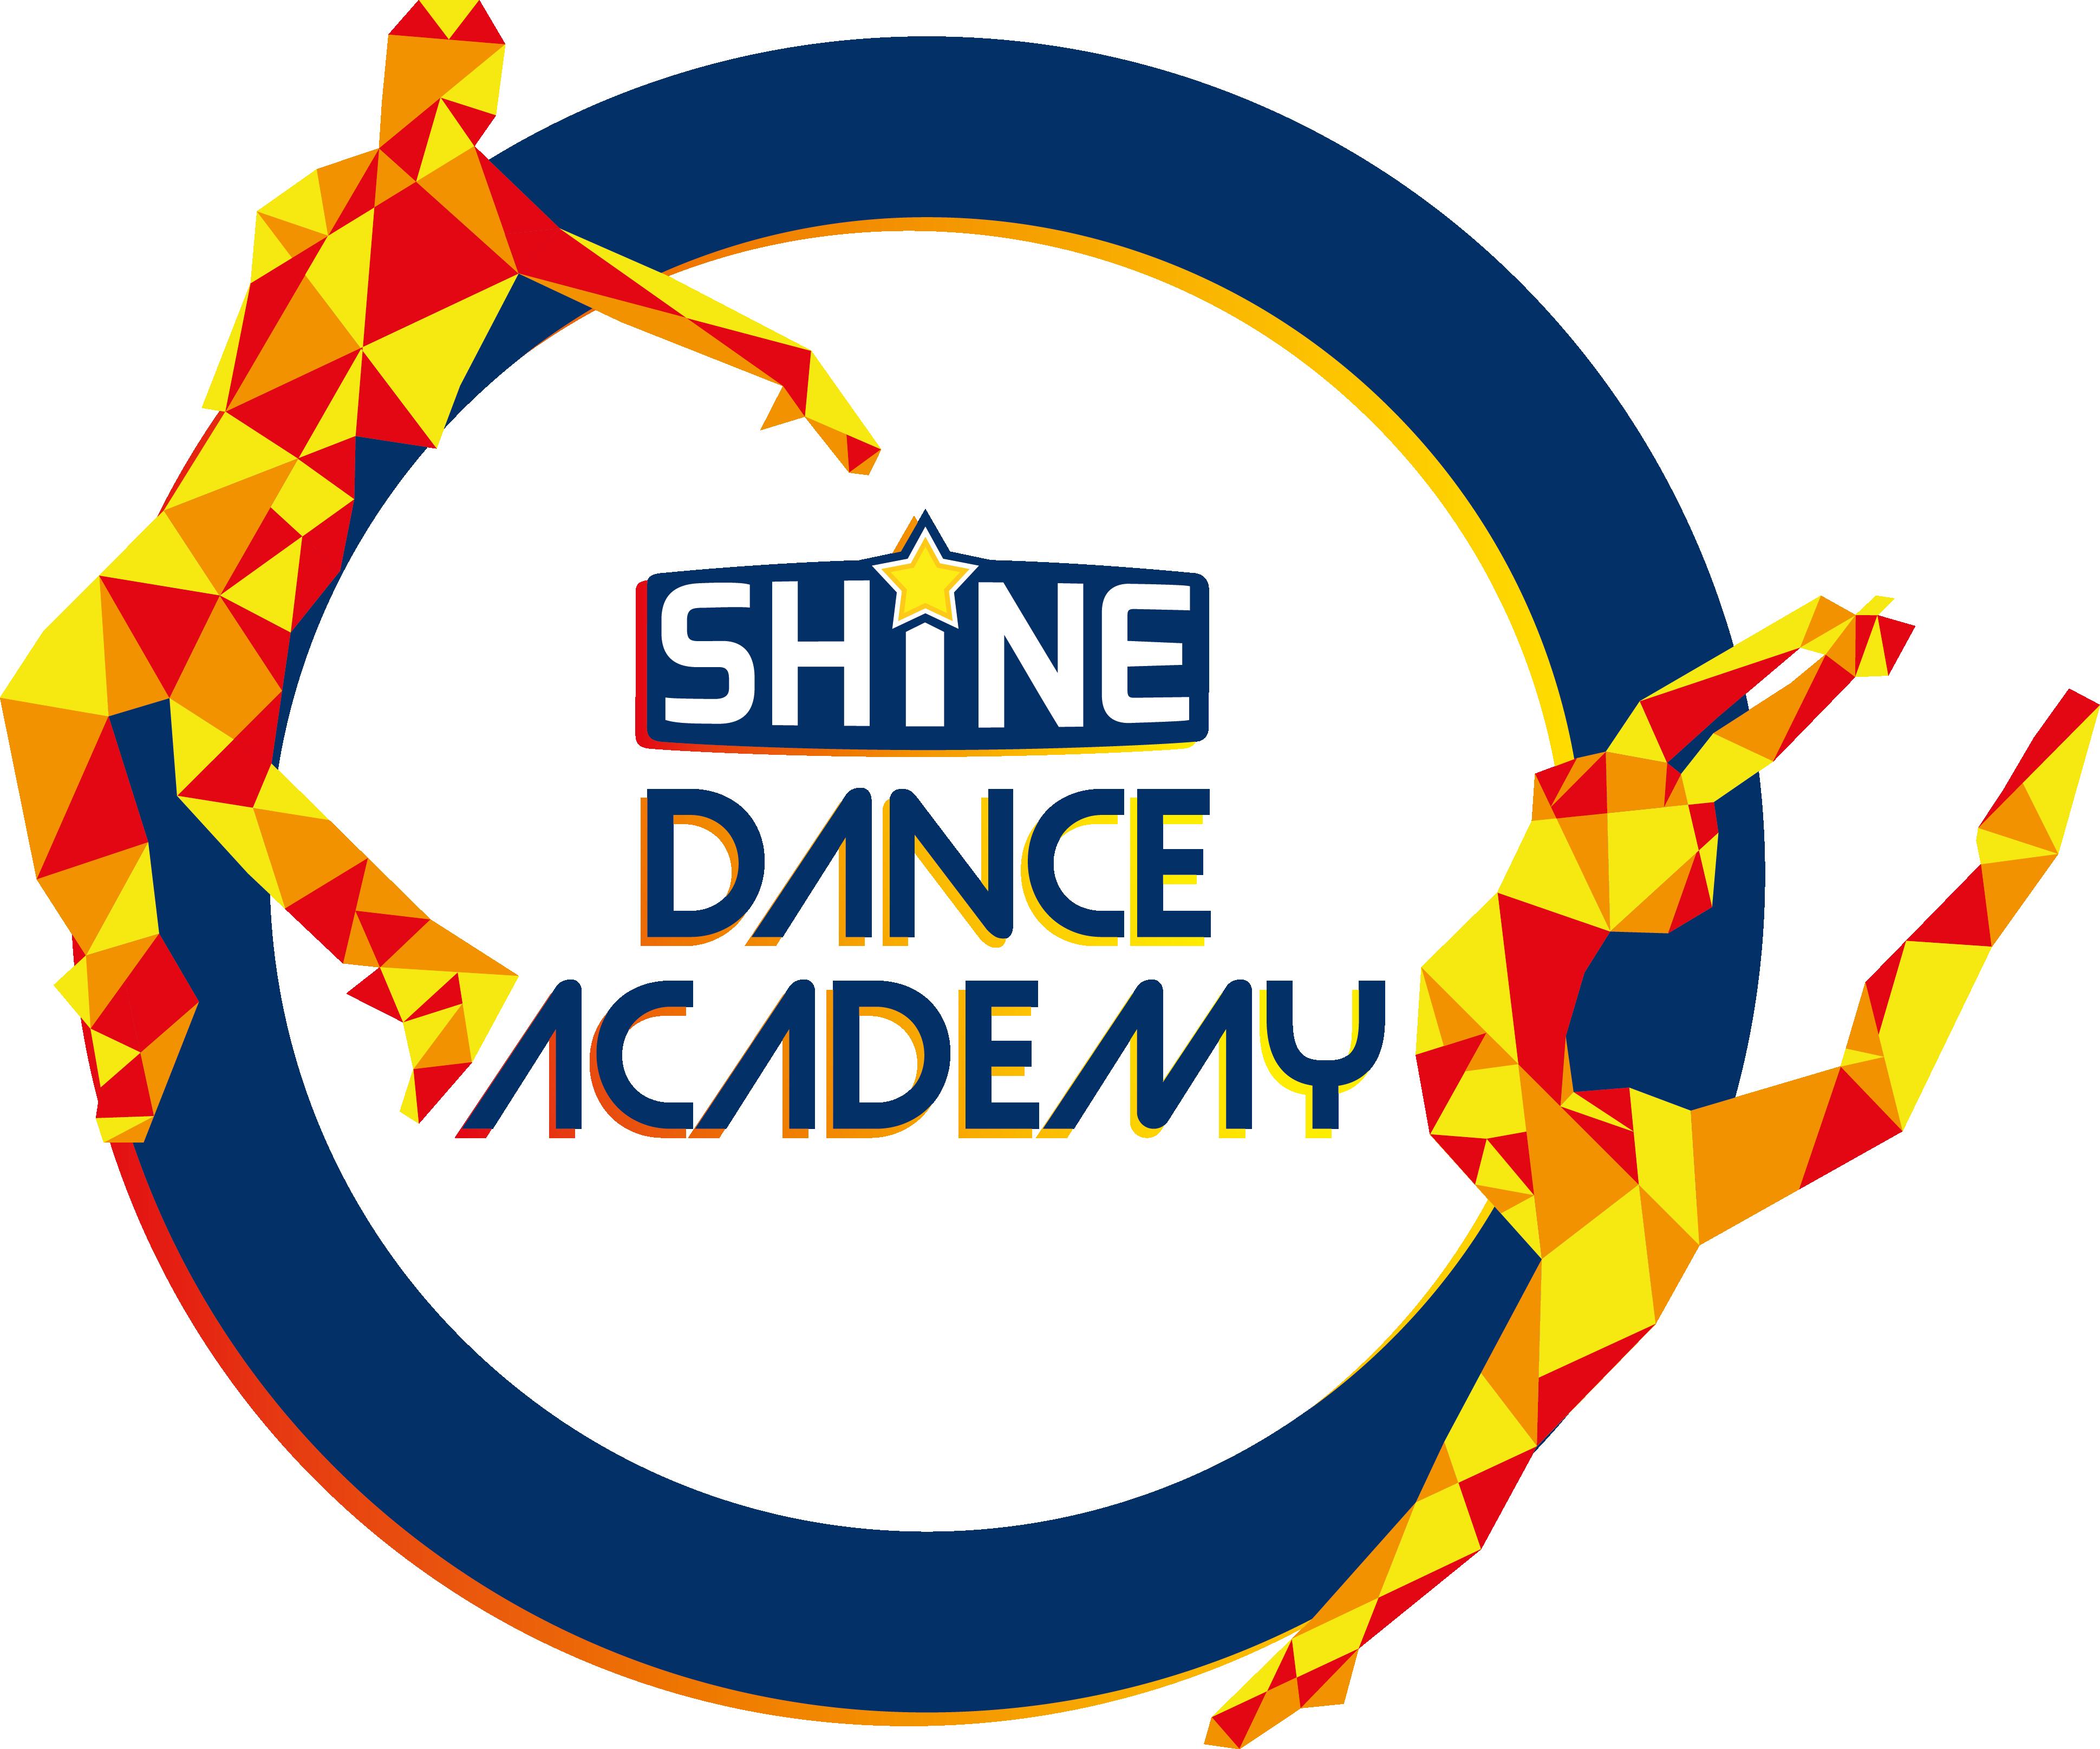 Shine Dance Academy